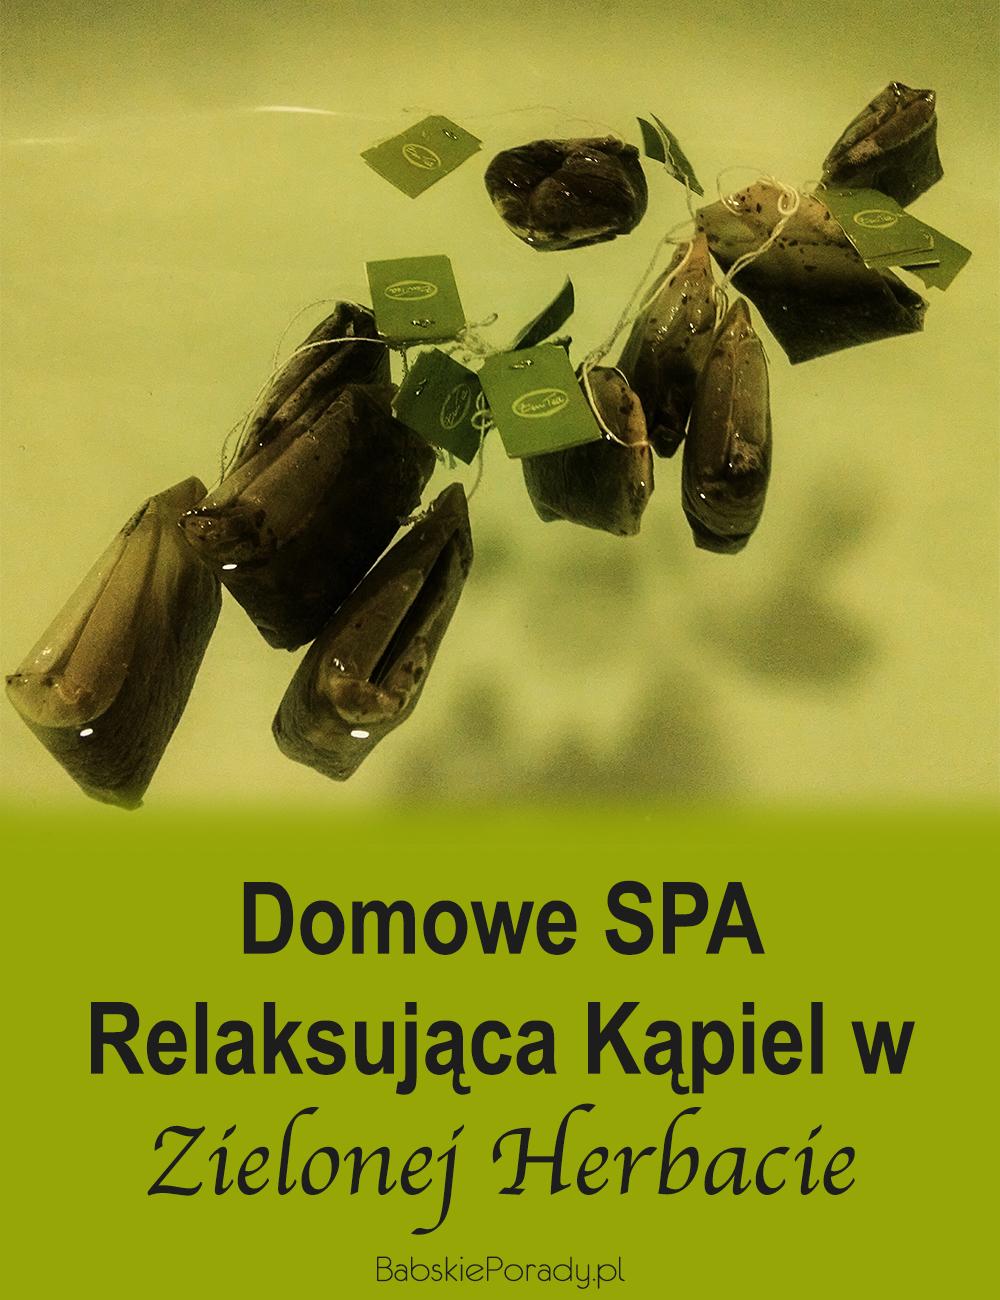 domowe SPA, kąpiel w zielonej herbacie, kąpiel relaksacyjna, zielona herbata, kąpiel z zielonej herbaty